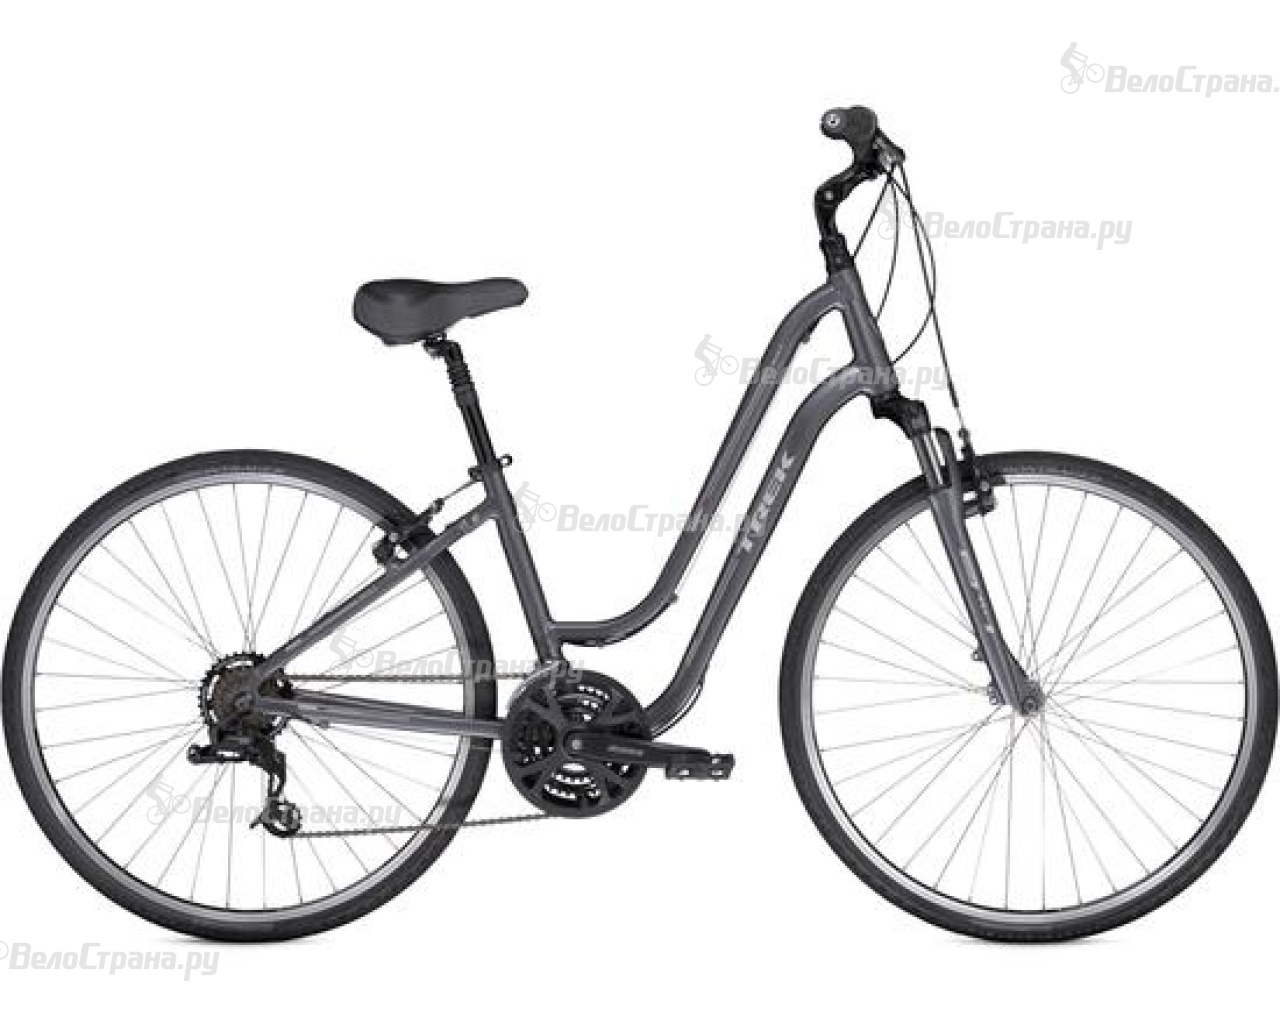 Велосипед Trek Verve 2 WSD (2013) велосипед trek verve 3 wsd 2013